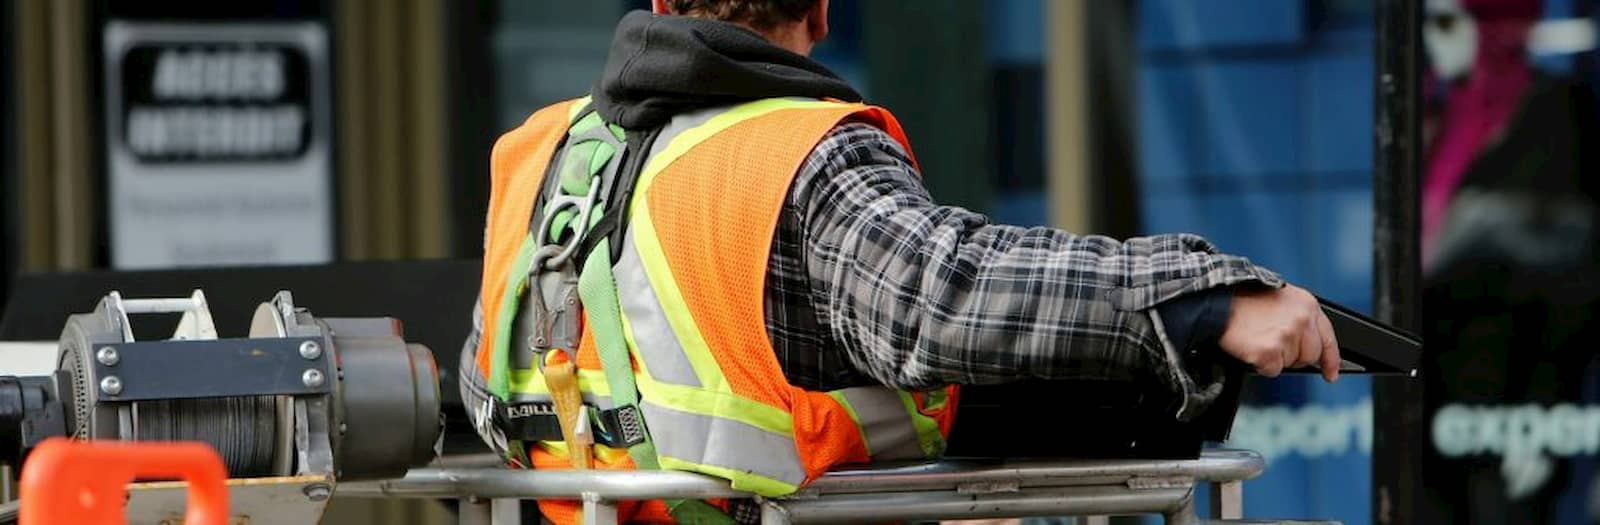 Duvri Un lavoratore indossa correttamente i dpi per lavorare in altezza